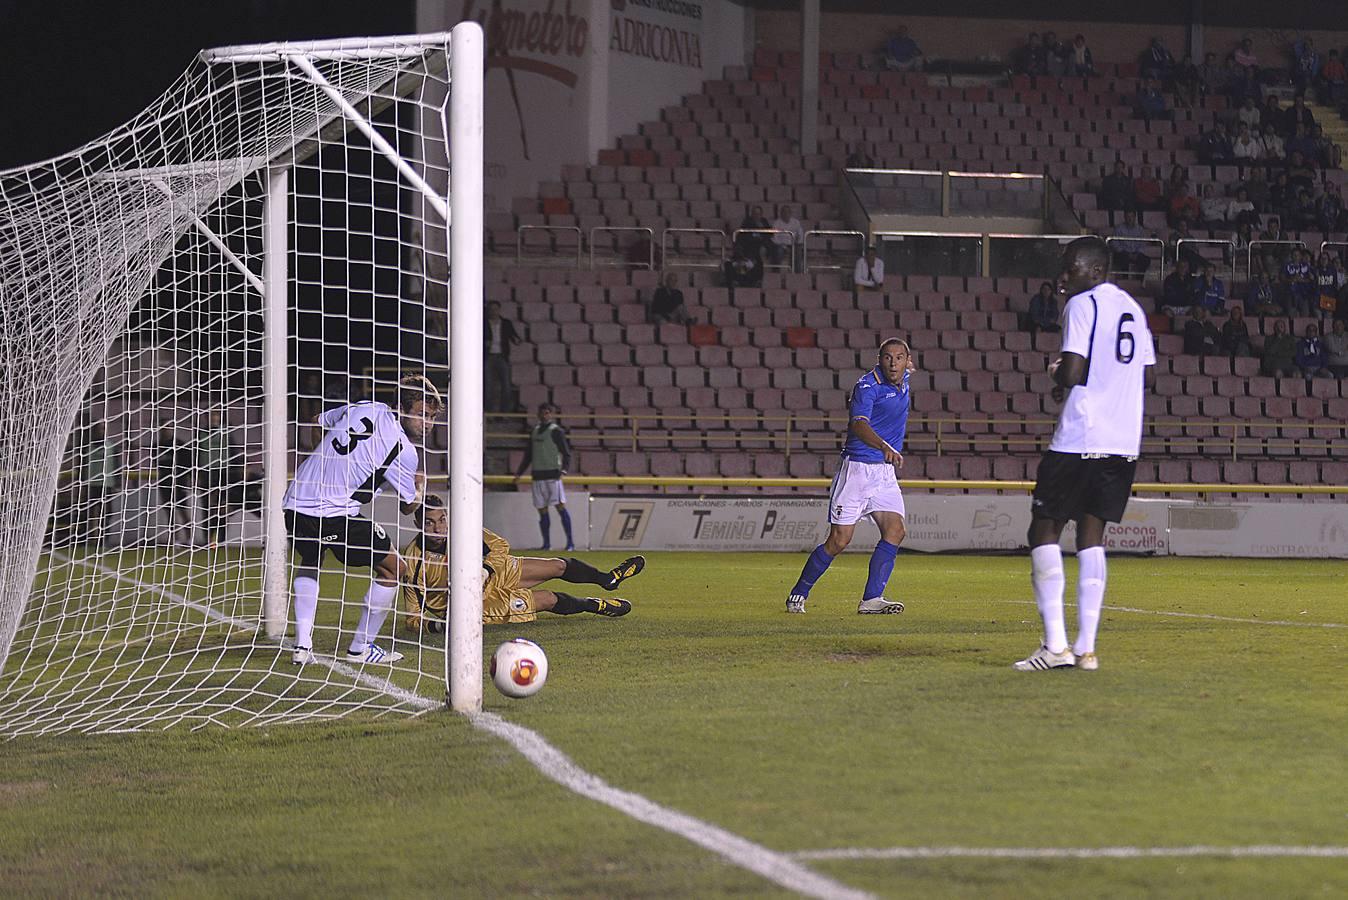 Burgos 1 - 2 Real Oviedo